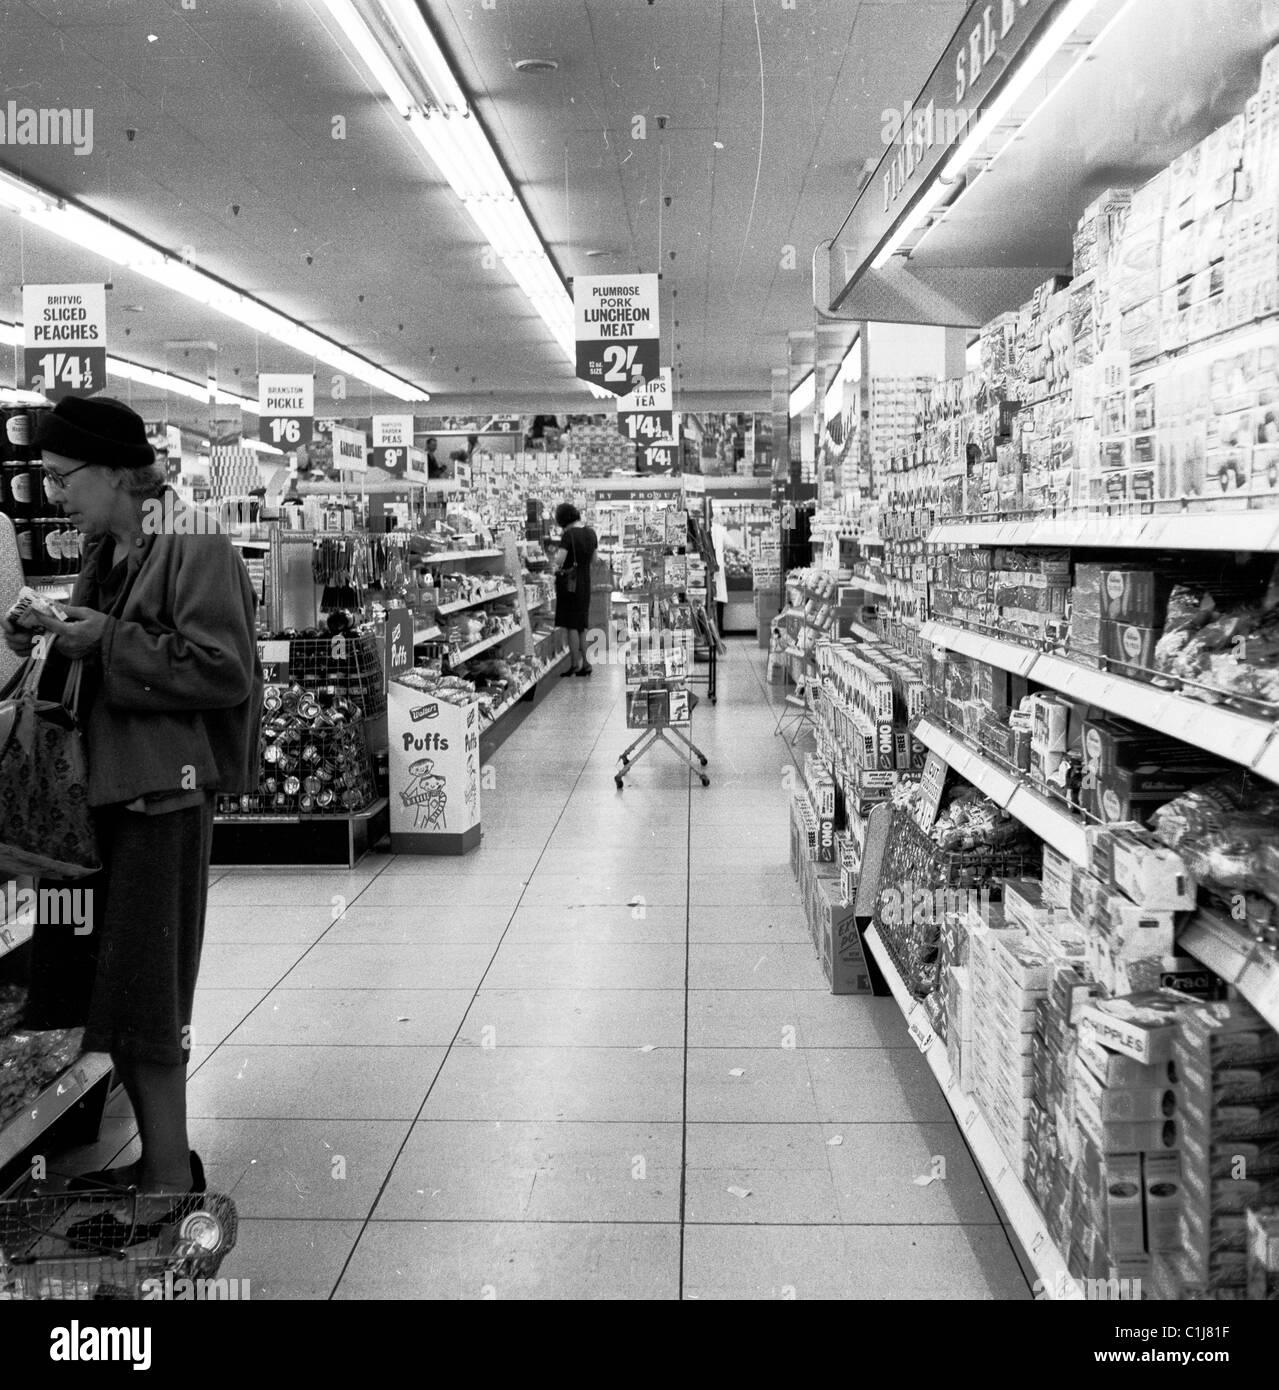 1960, foto histórica, un nuevo tipo de tienda de comestibles, una gran tarifa fina tienda de autoservicio, Imagen De Stock